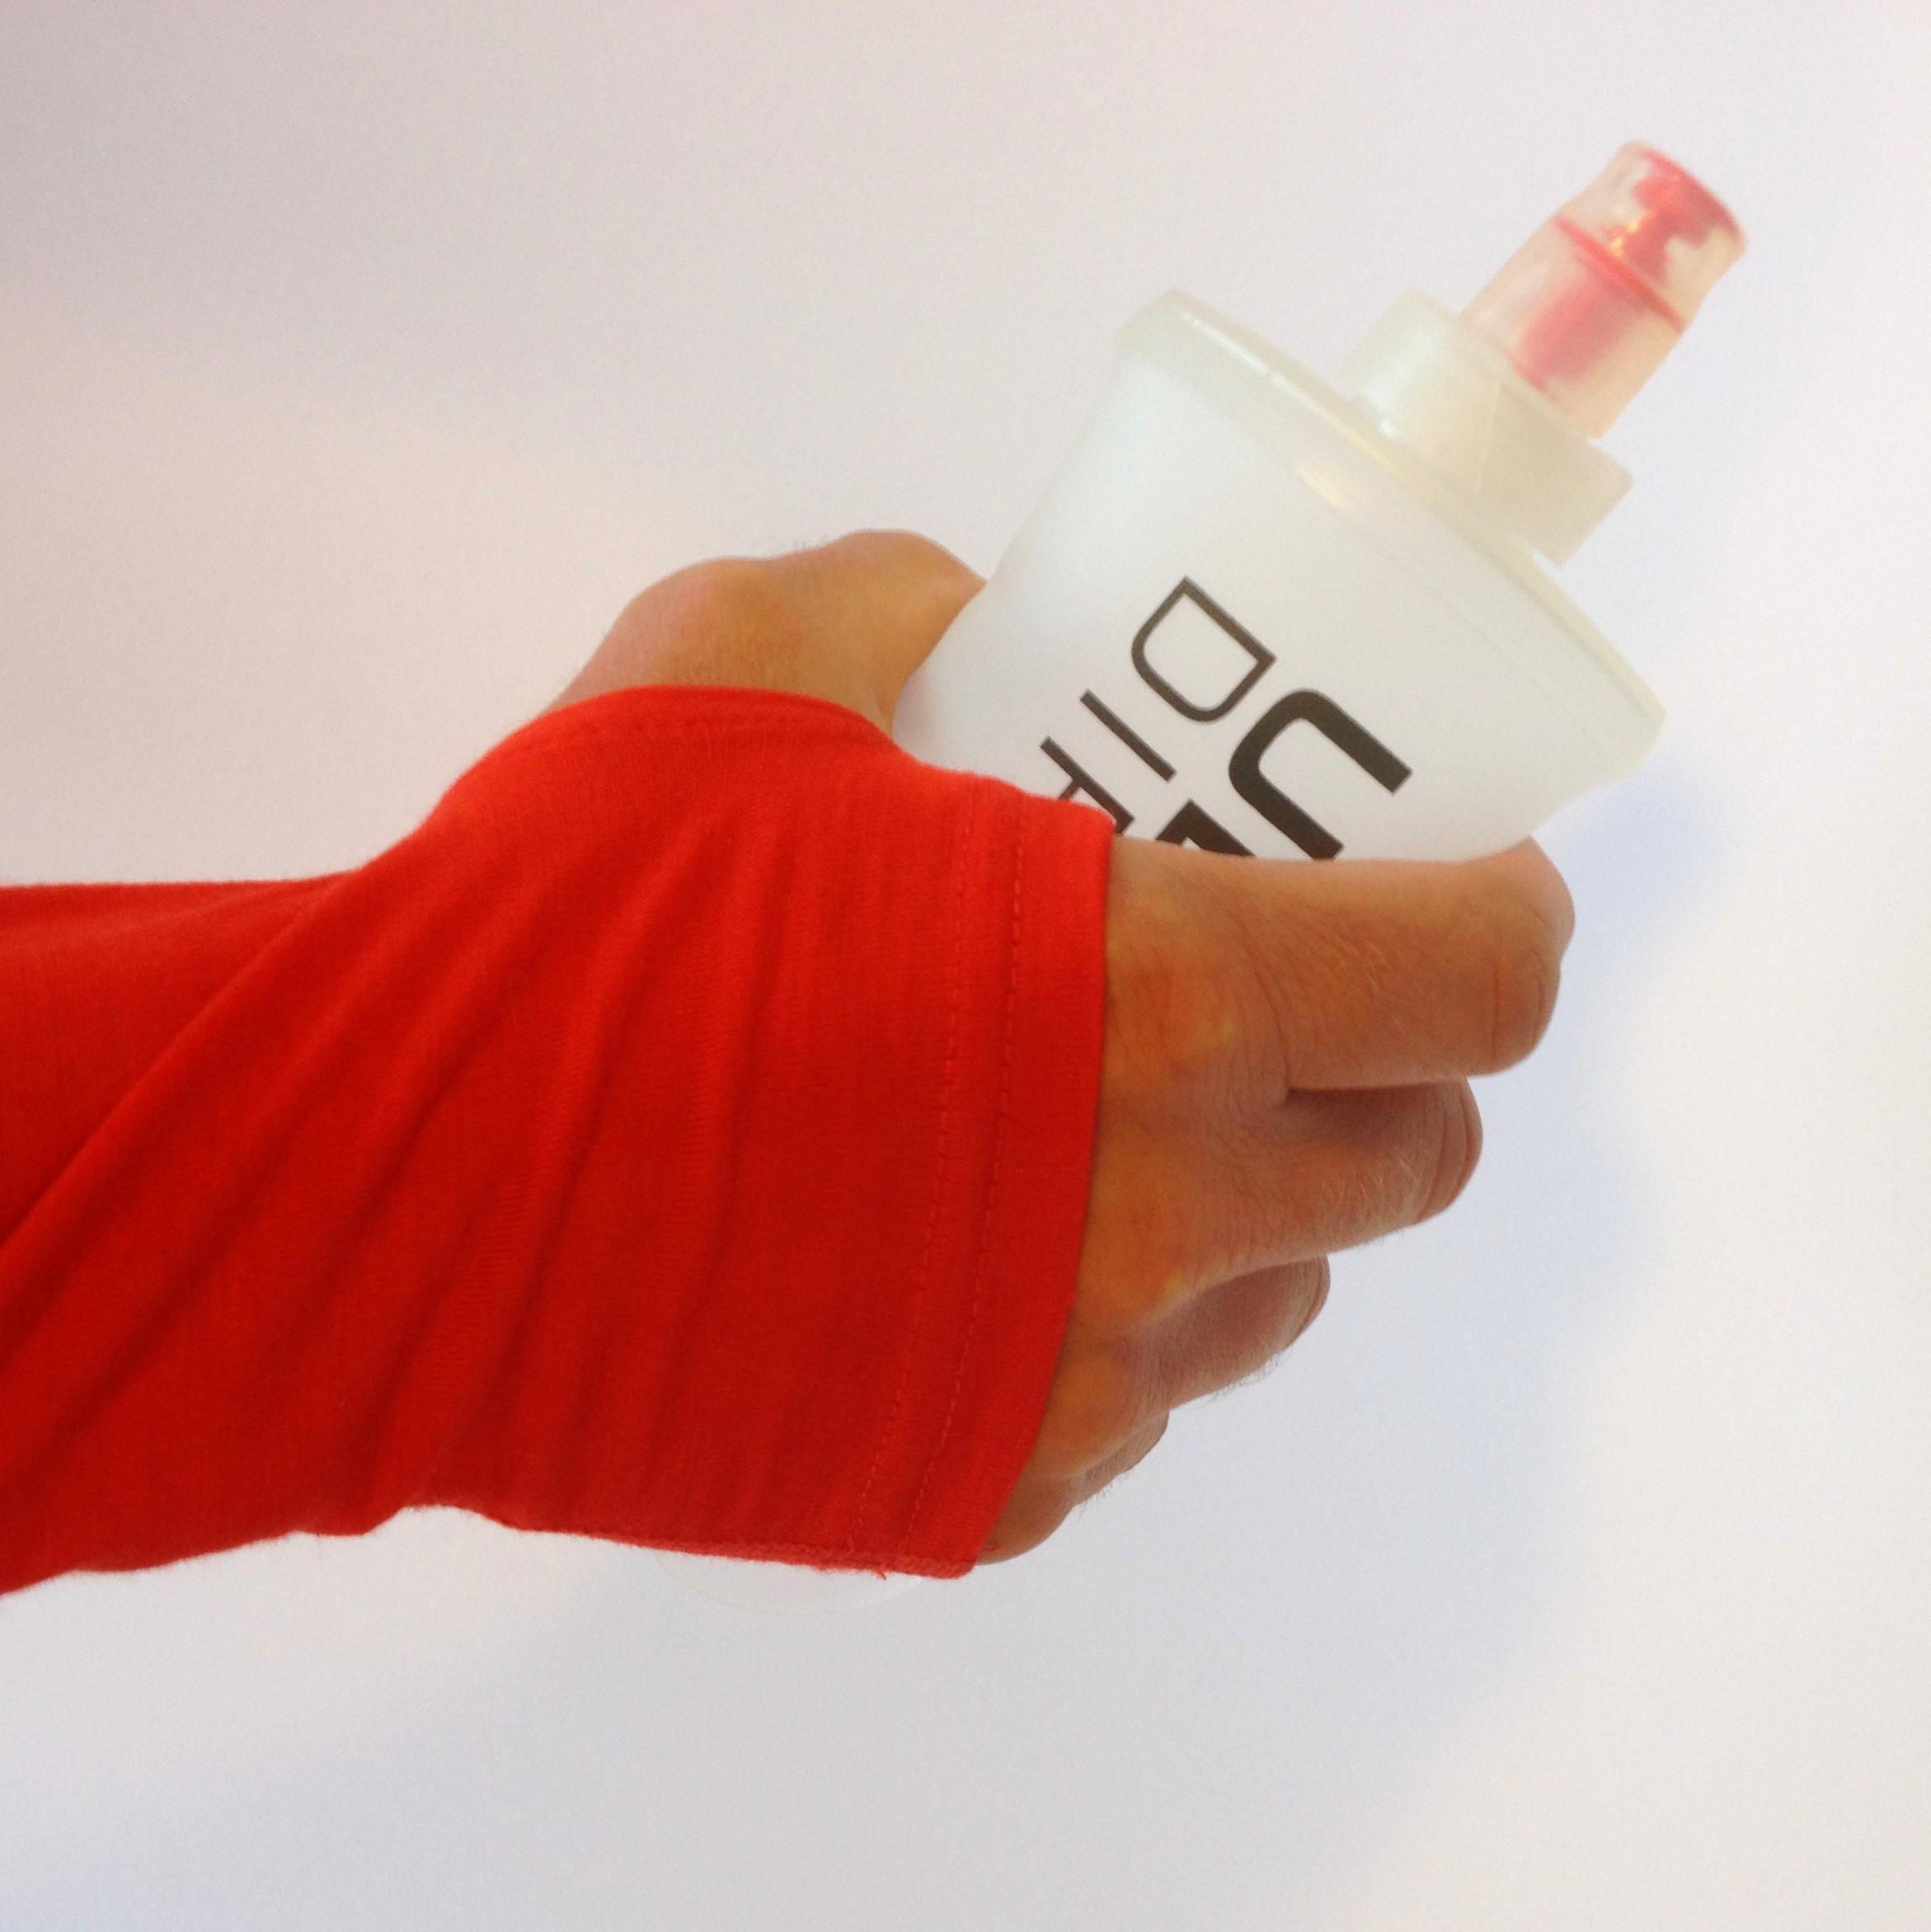 Det er vigtigt at huske at få noget at drikke på de lange ture selvom det er koldt. En håmdholdt soft flaske er en enkel måde at medbringe vand på turen.